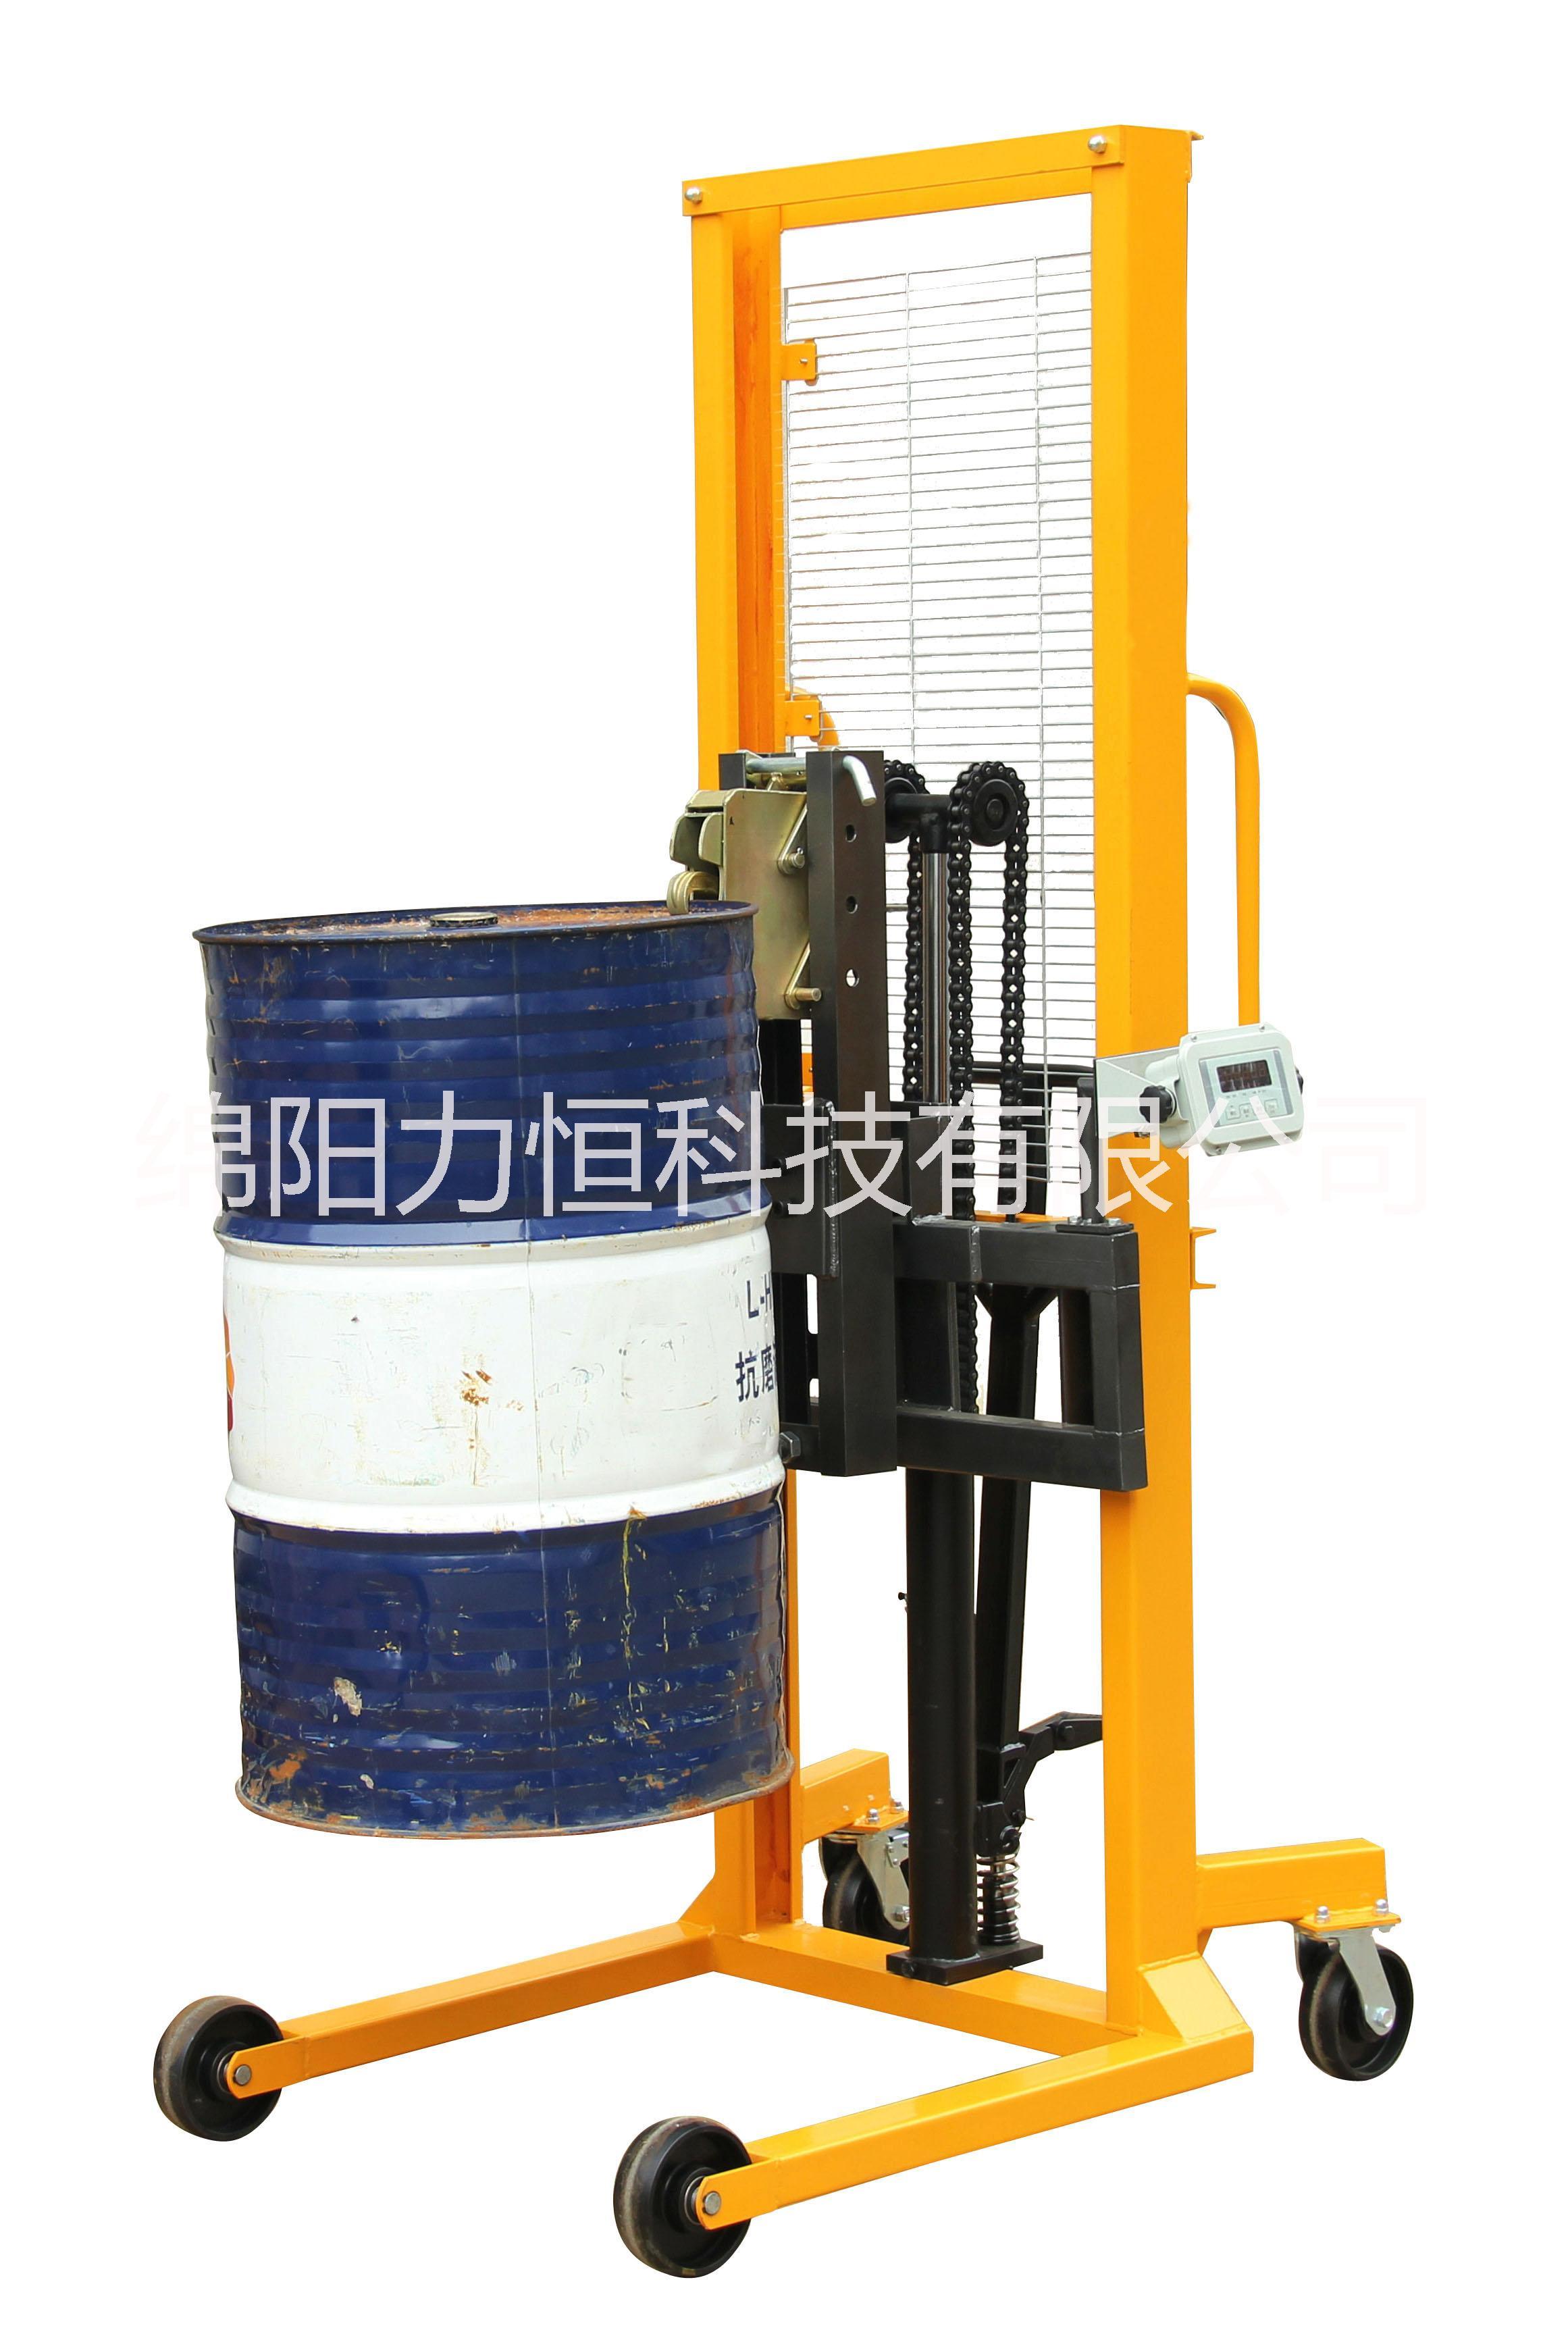 搬运油桶车 油桶升高车 手动液压油桶车 油桶搬运车